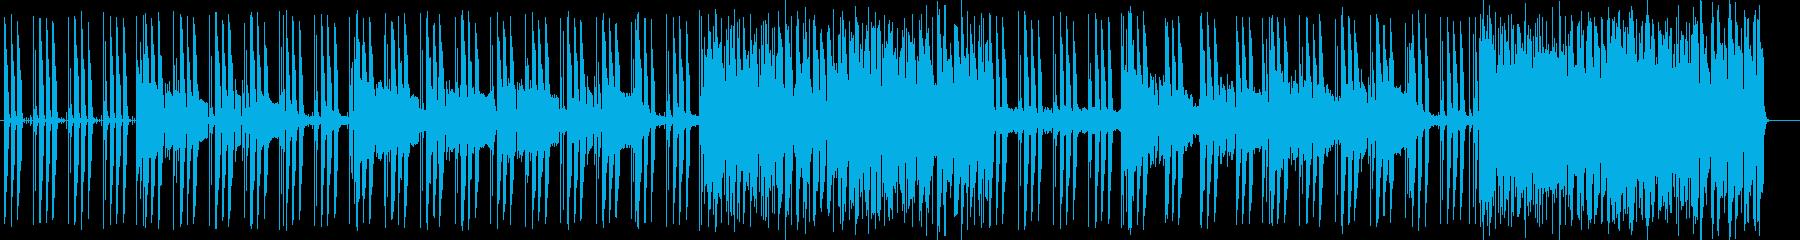 トランペットのメロディーで緩急があロックの再生済みの波形